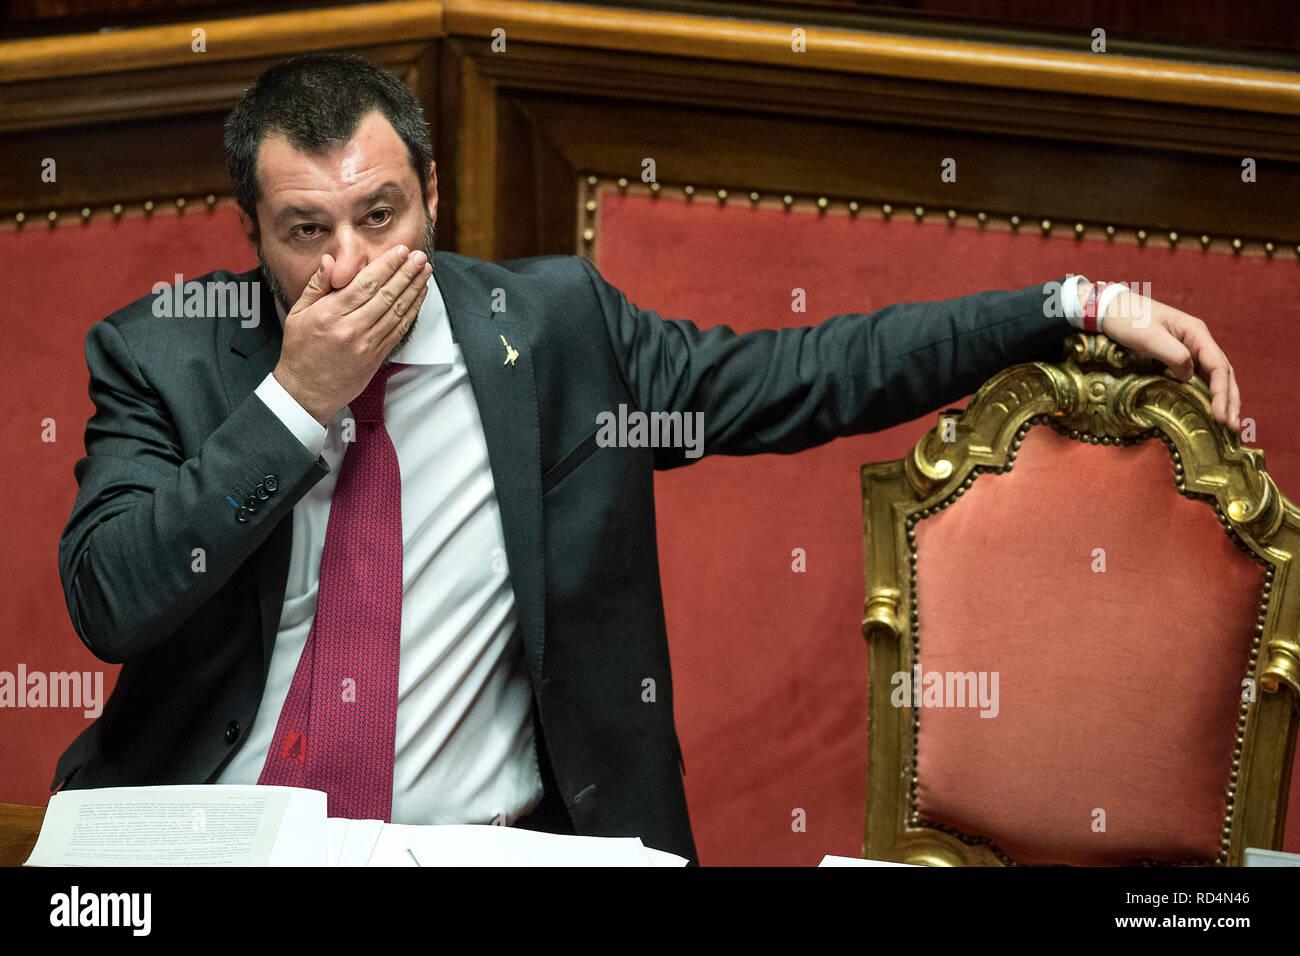 Foto Roberto Monaldo / LaPresse 17-01-2019 Roma Politica Senato - Question time  Nella foto Matteo Salvini  Photo Roberto Monaldo / LaPresse 17-01-2019 Rome (Italy) Senate - Question time  In the photo Matteo Salvini - Stock Image